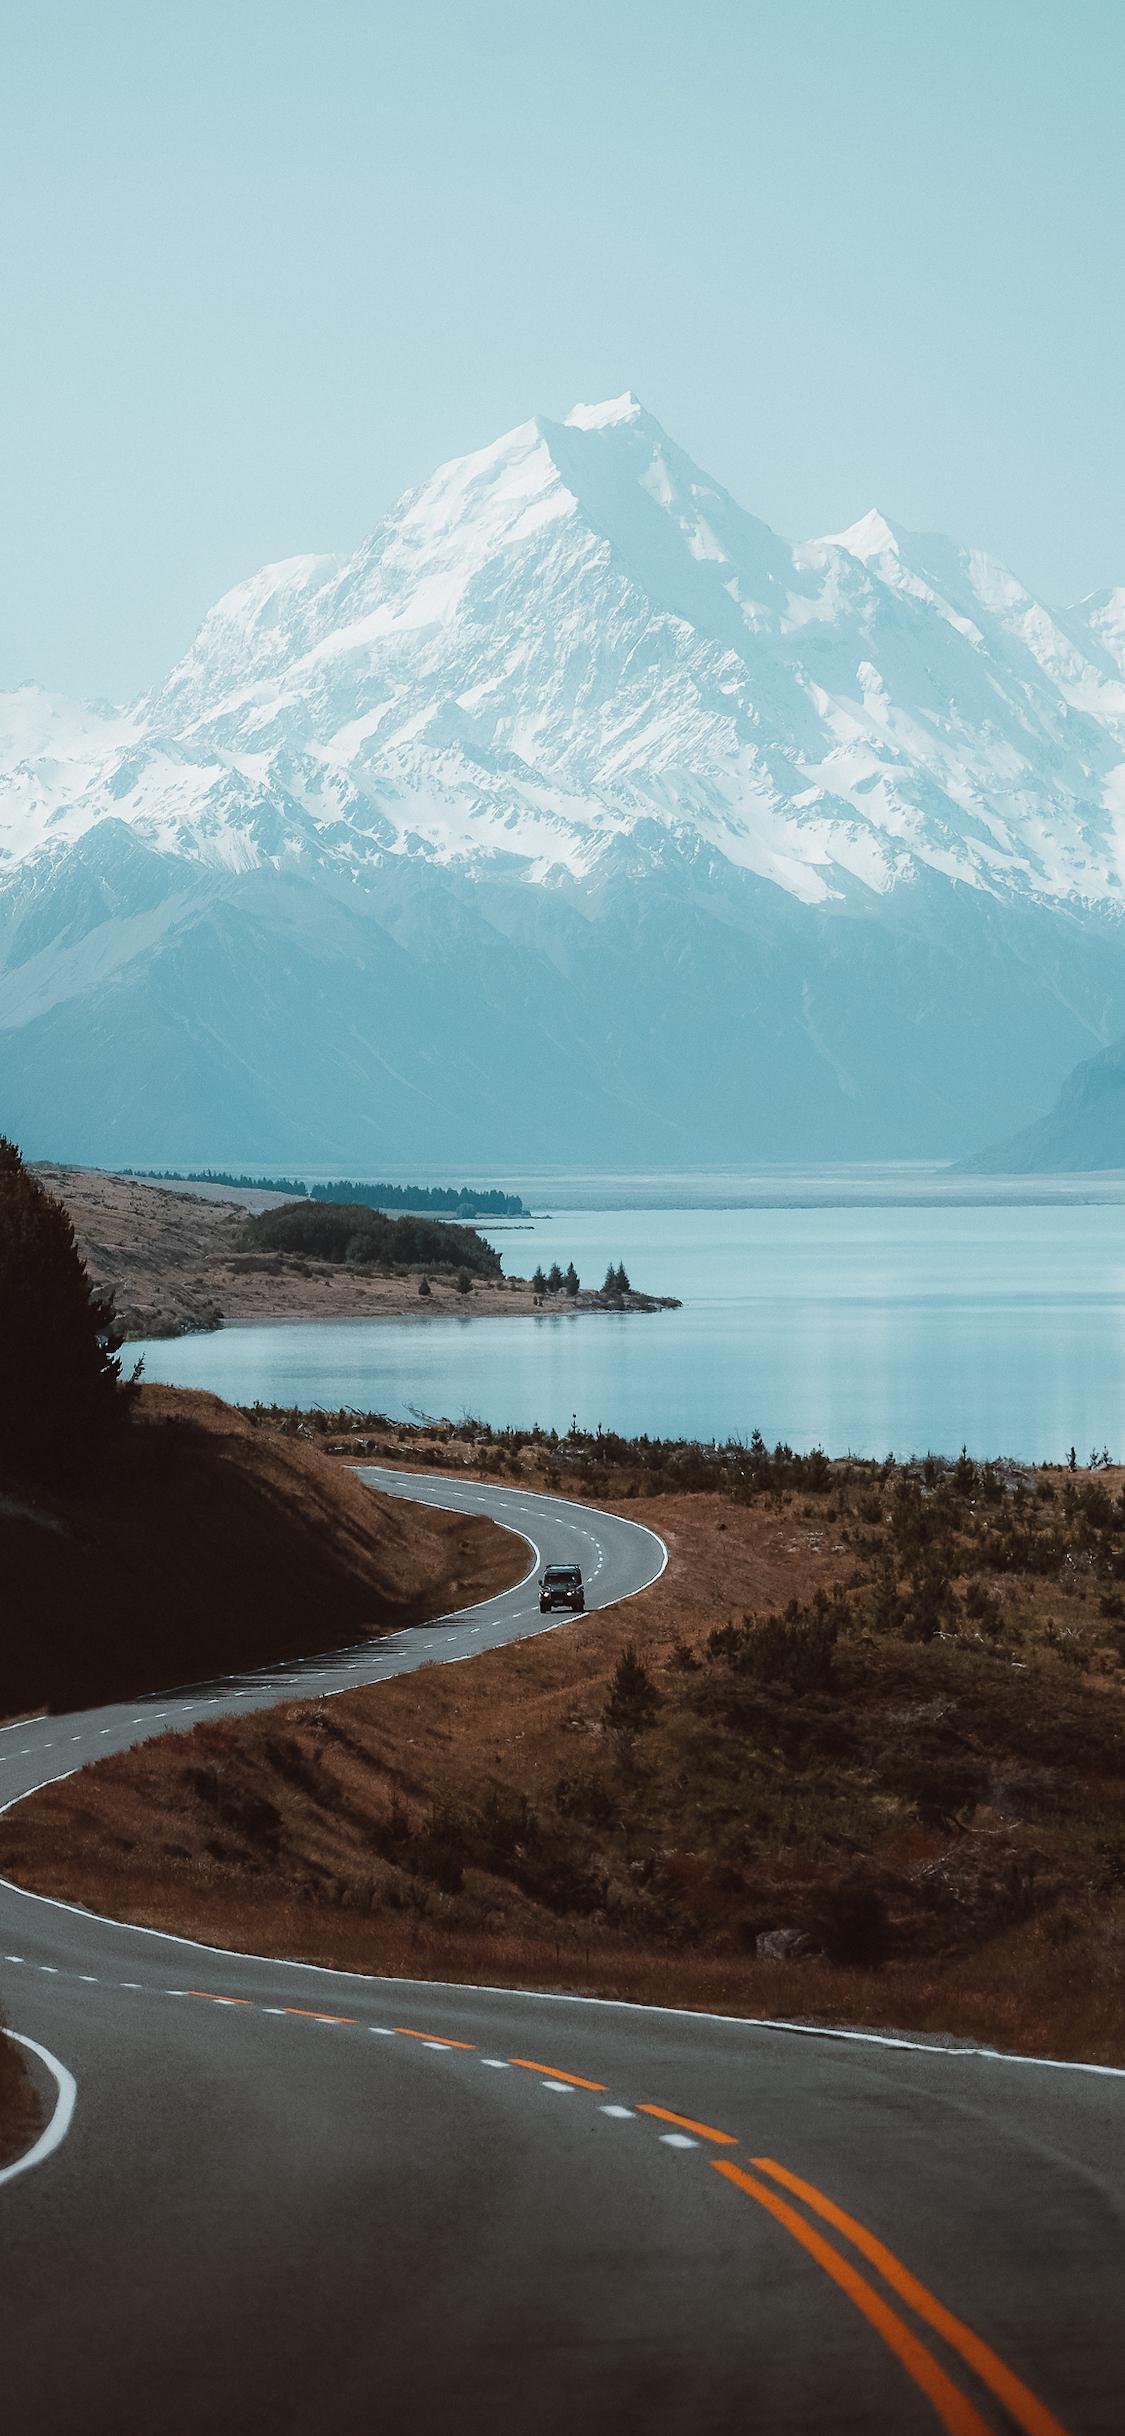 Озеро Пукаки, Новая Зеландия озеро лес дорога горы